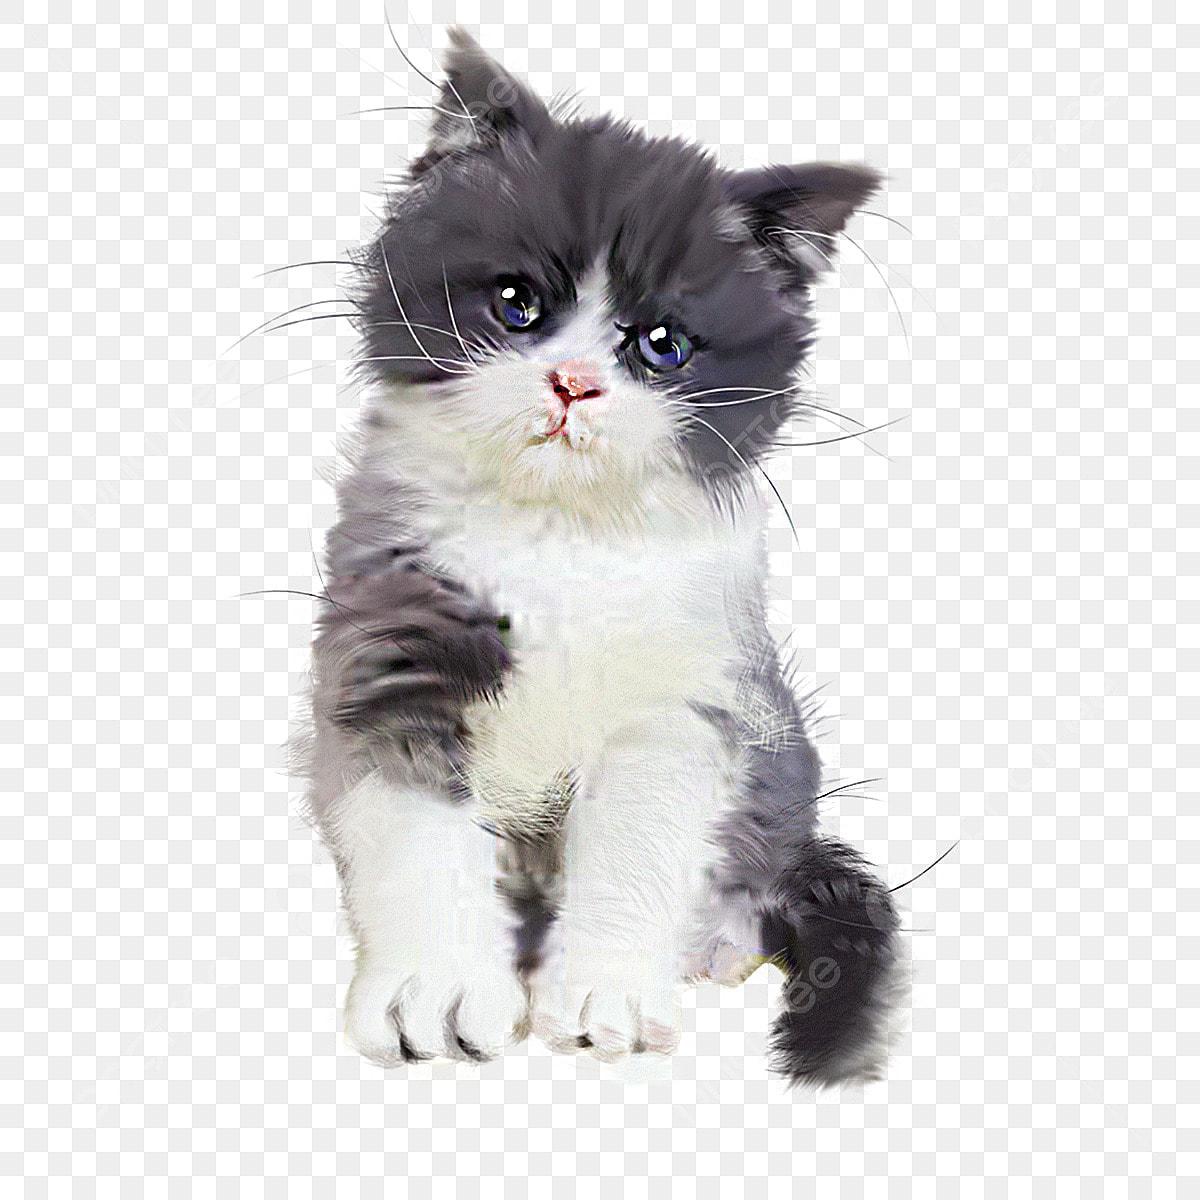 Gambar Cute Anak Kucing Kelabu Tangan Ditarik Ilustrasi Unsur Unsur Haiwan Cantik Kucing Domestik Png Dan Psd Untuk Muat Turun Percuma